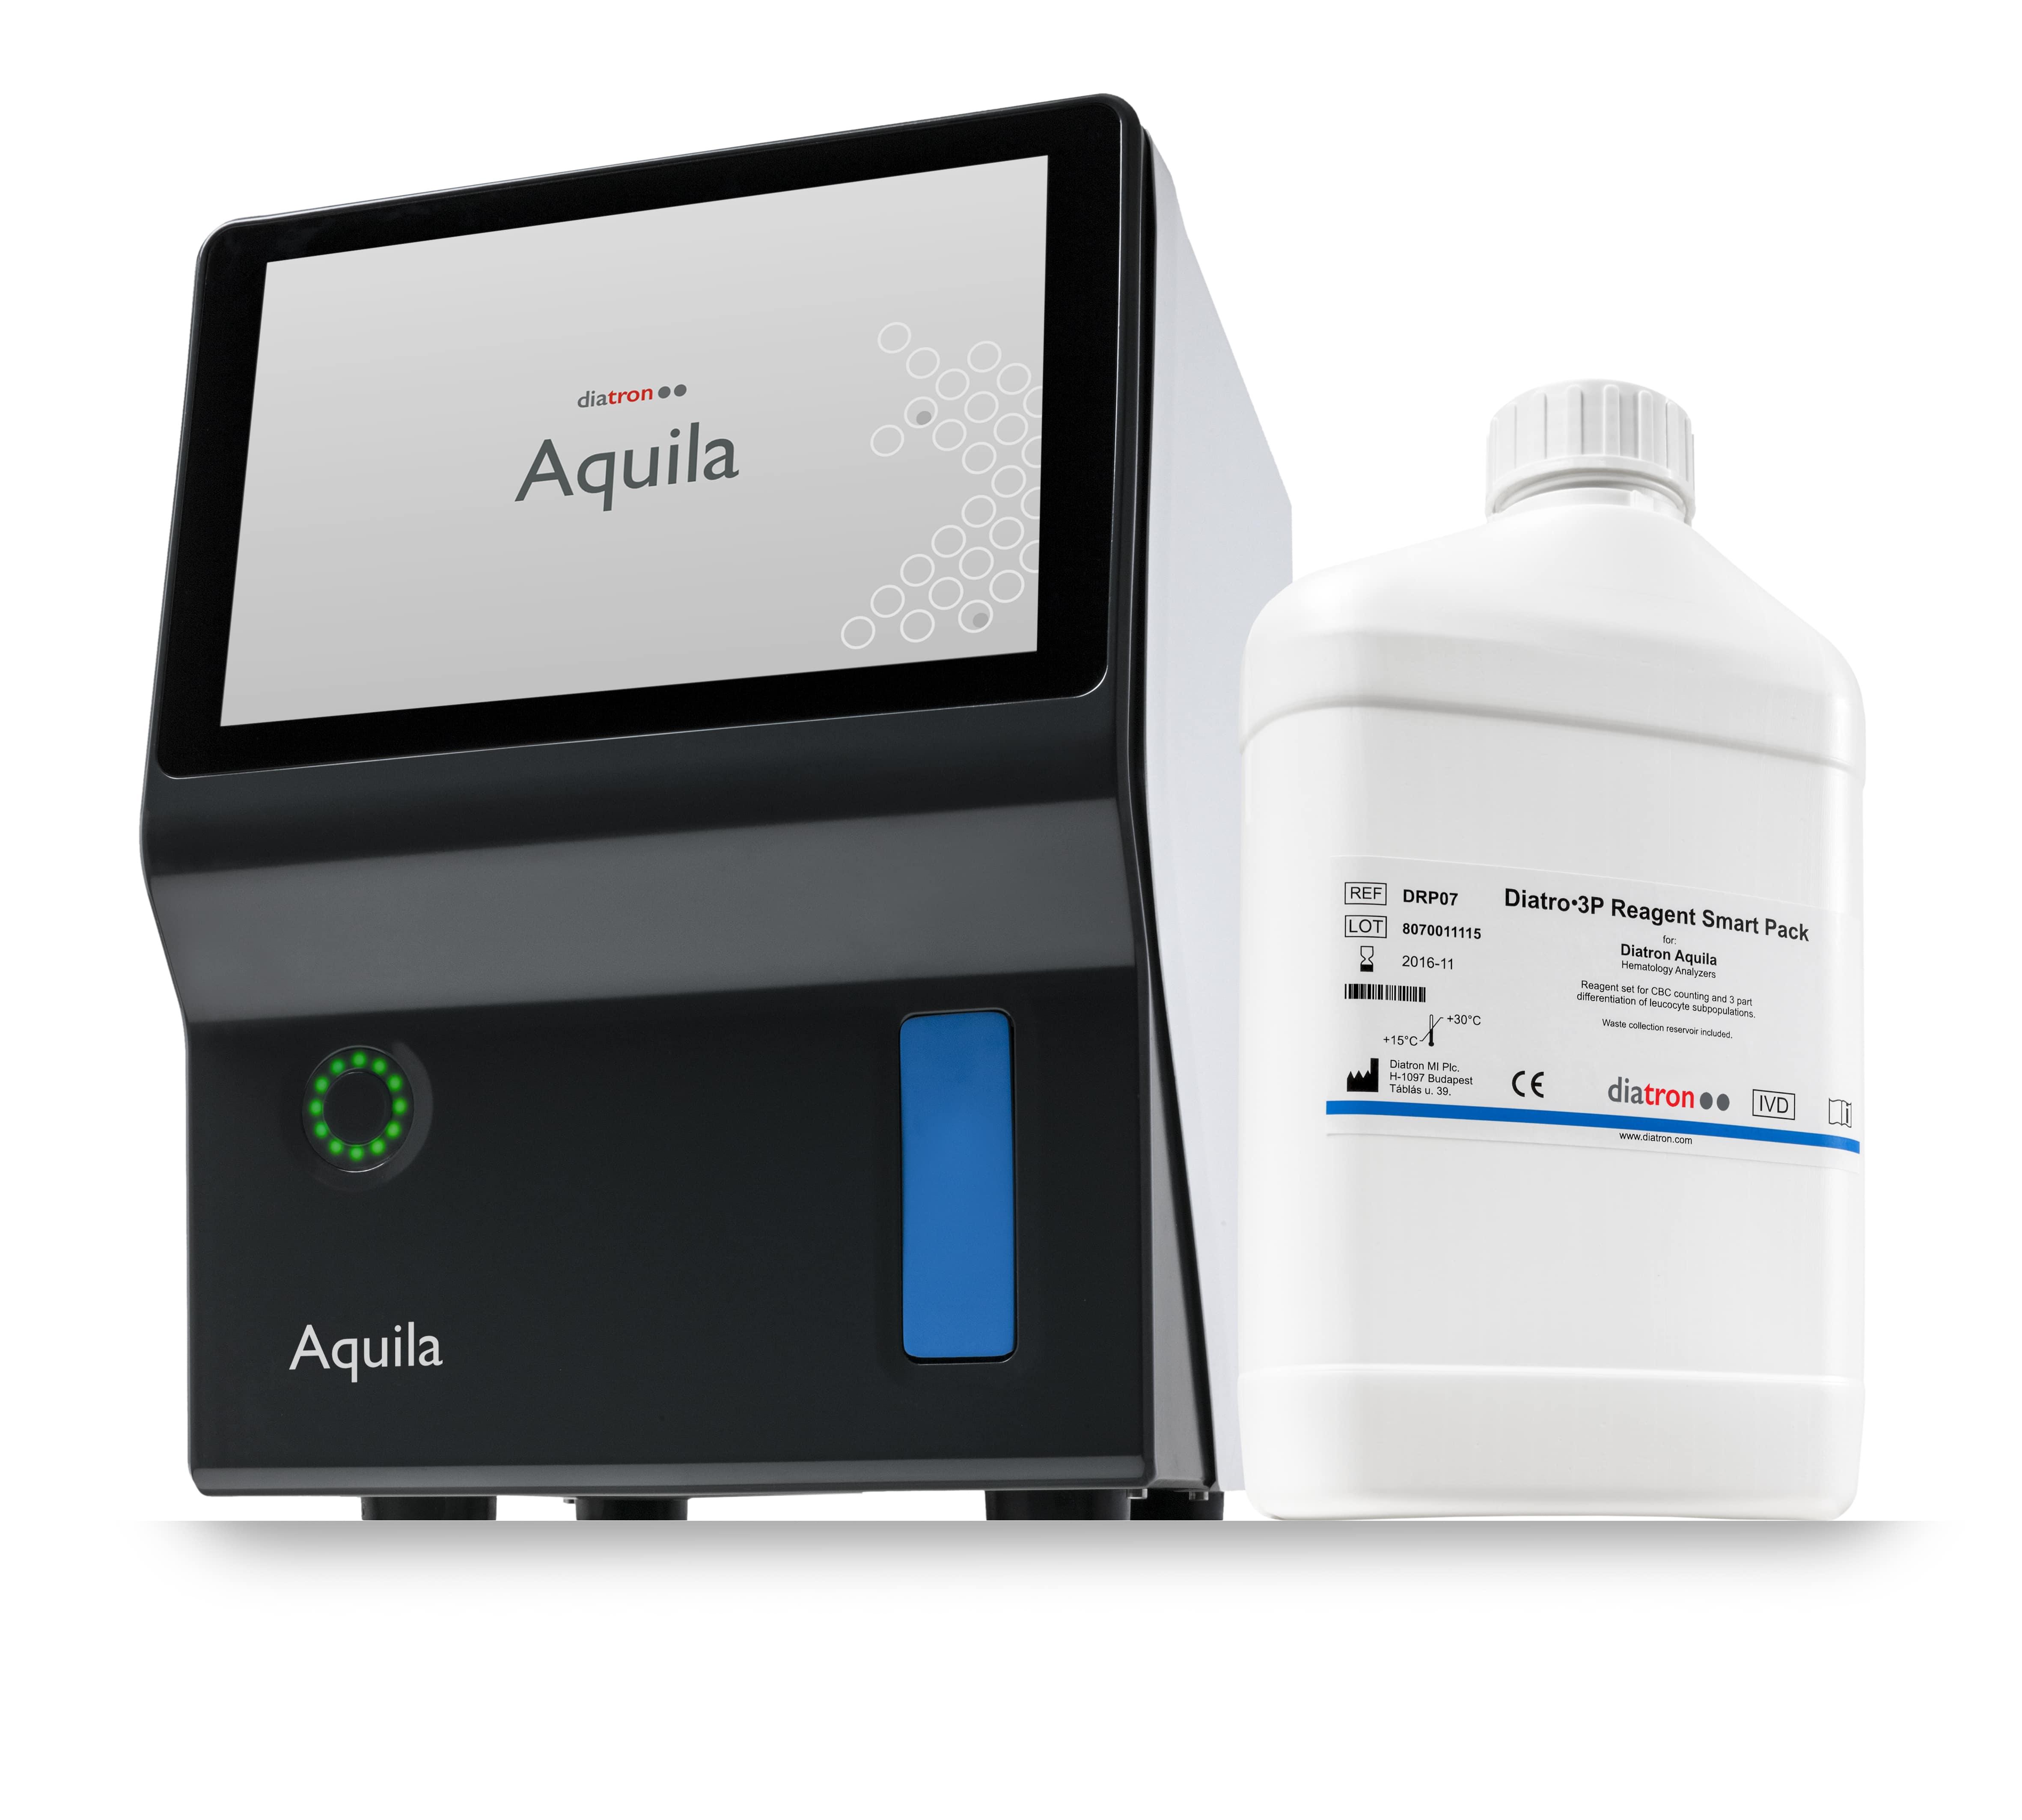 Diatro•3P Reagent Smart Pack for Diatron Aquila hematology analyzer